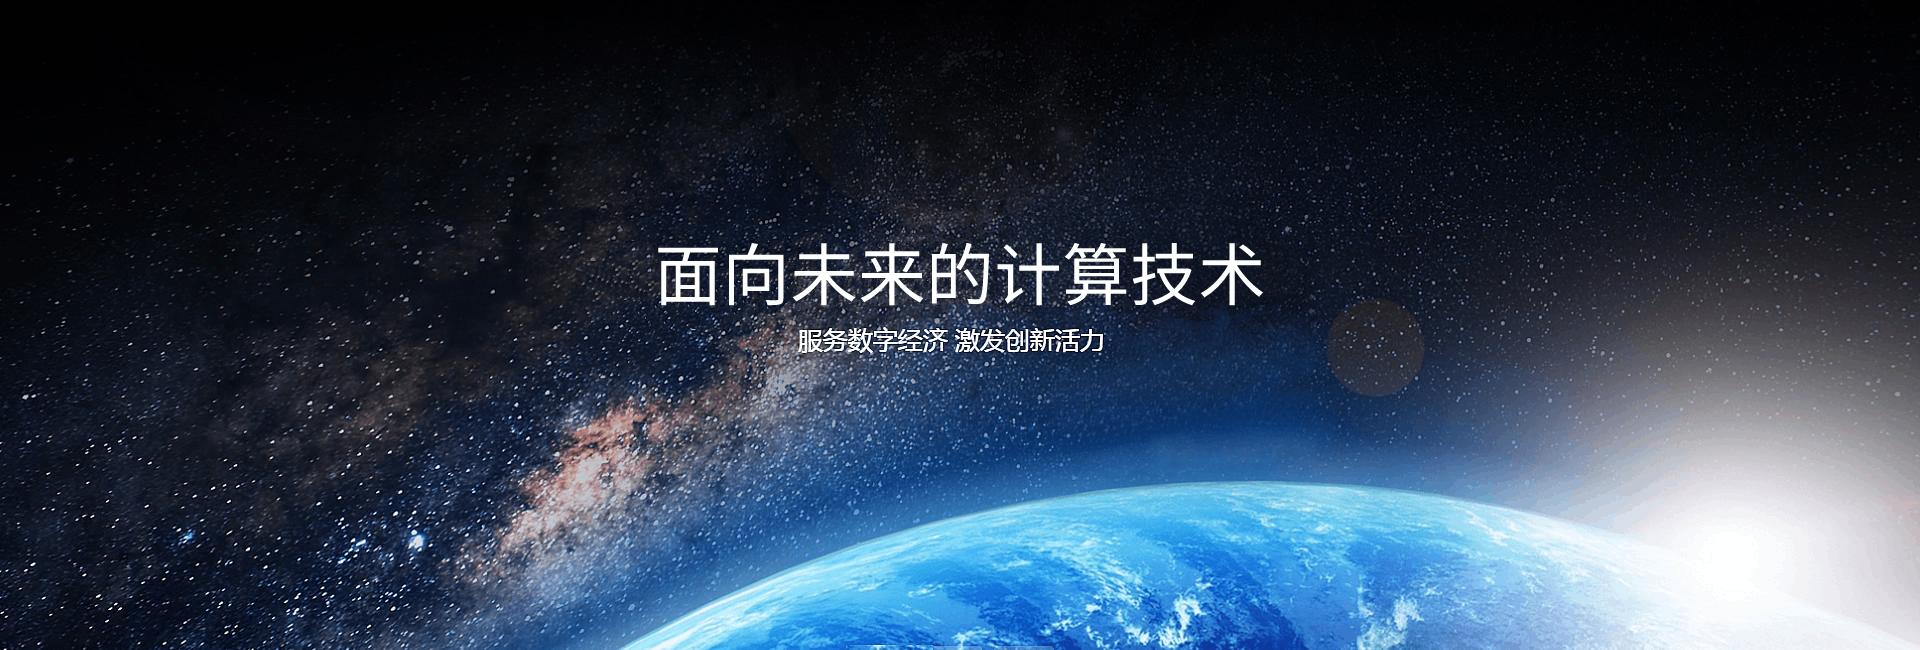 济南x86服务器代理商推荐